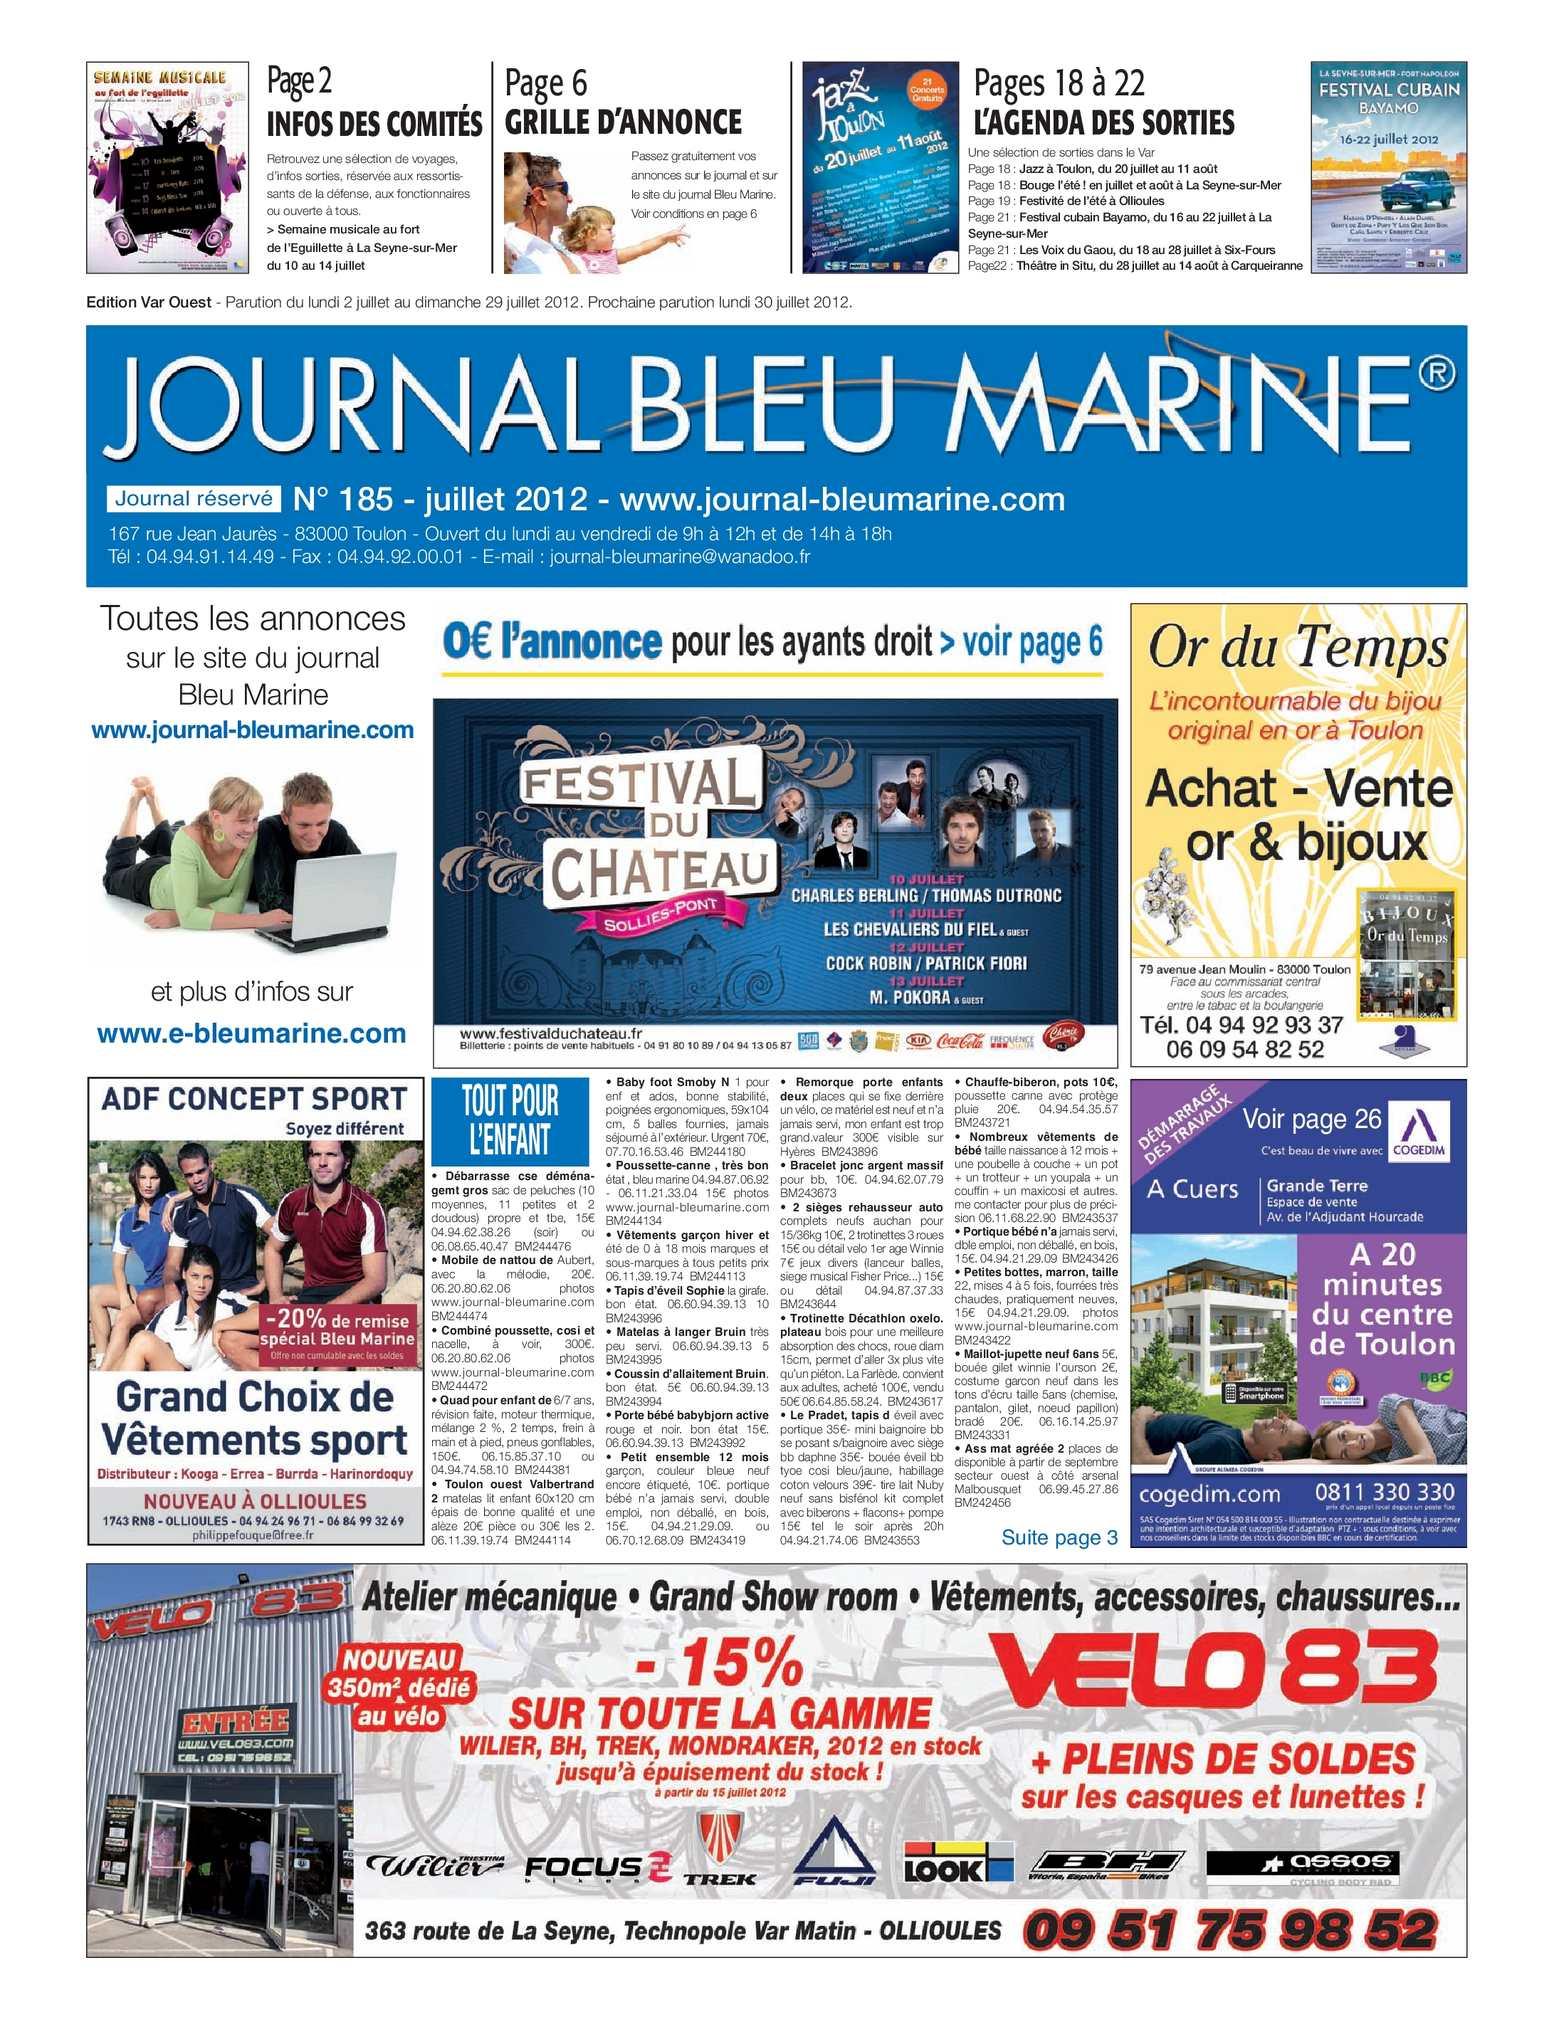 Calaméo Journal Bleu Marine N185 Juillet 2012